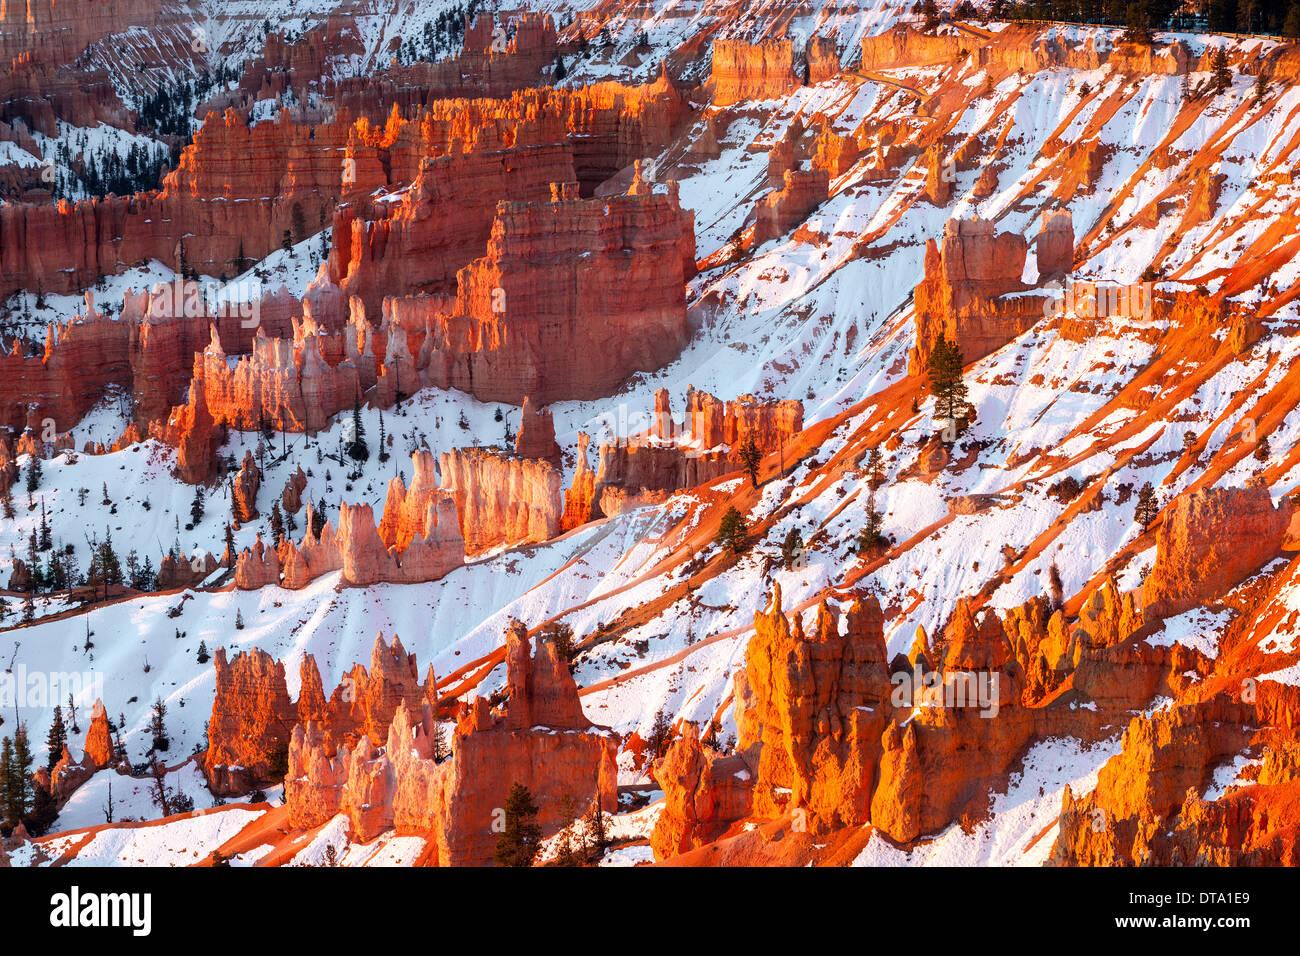 Amanecer de invierno en el Parque Nacional de Bryce Canyon, Utah, EE.UU. Imagen De Stock